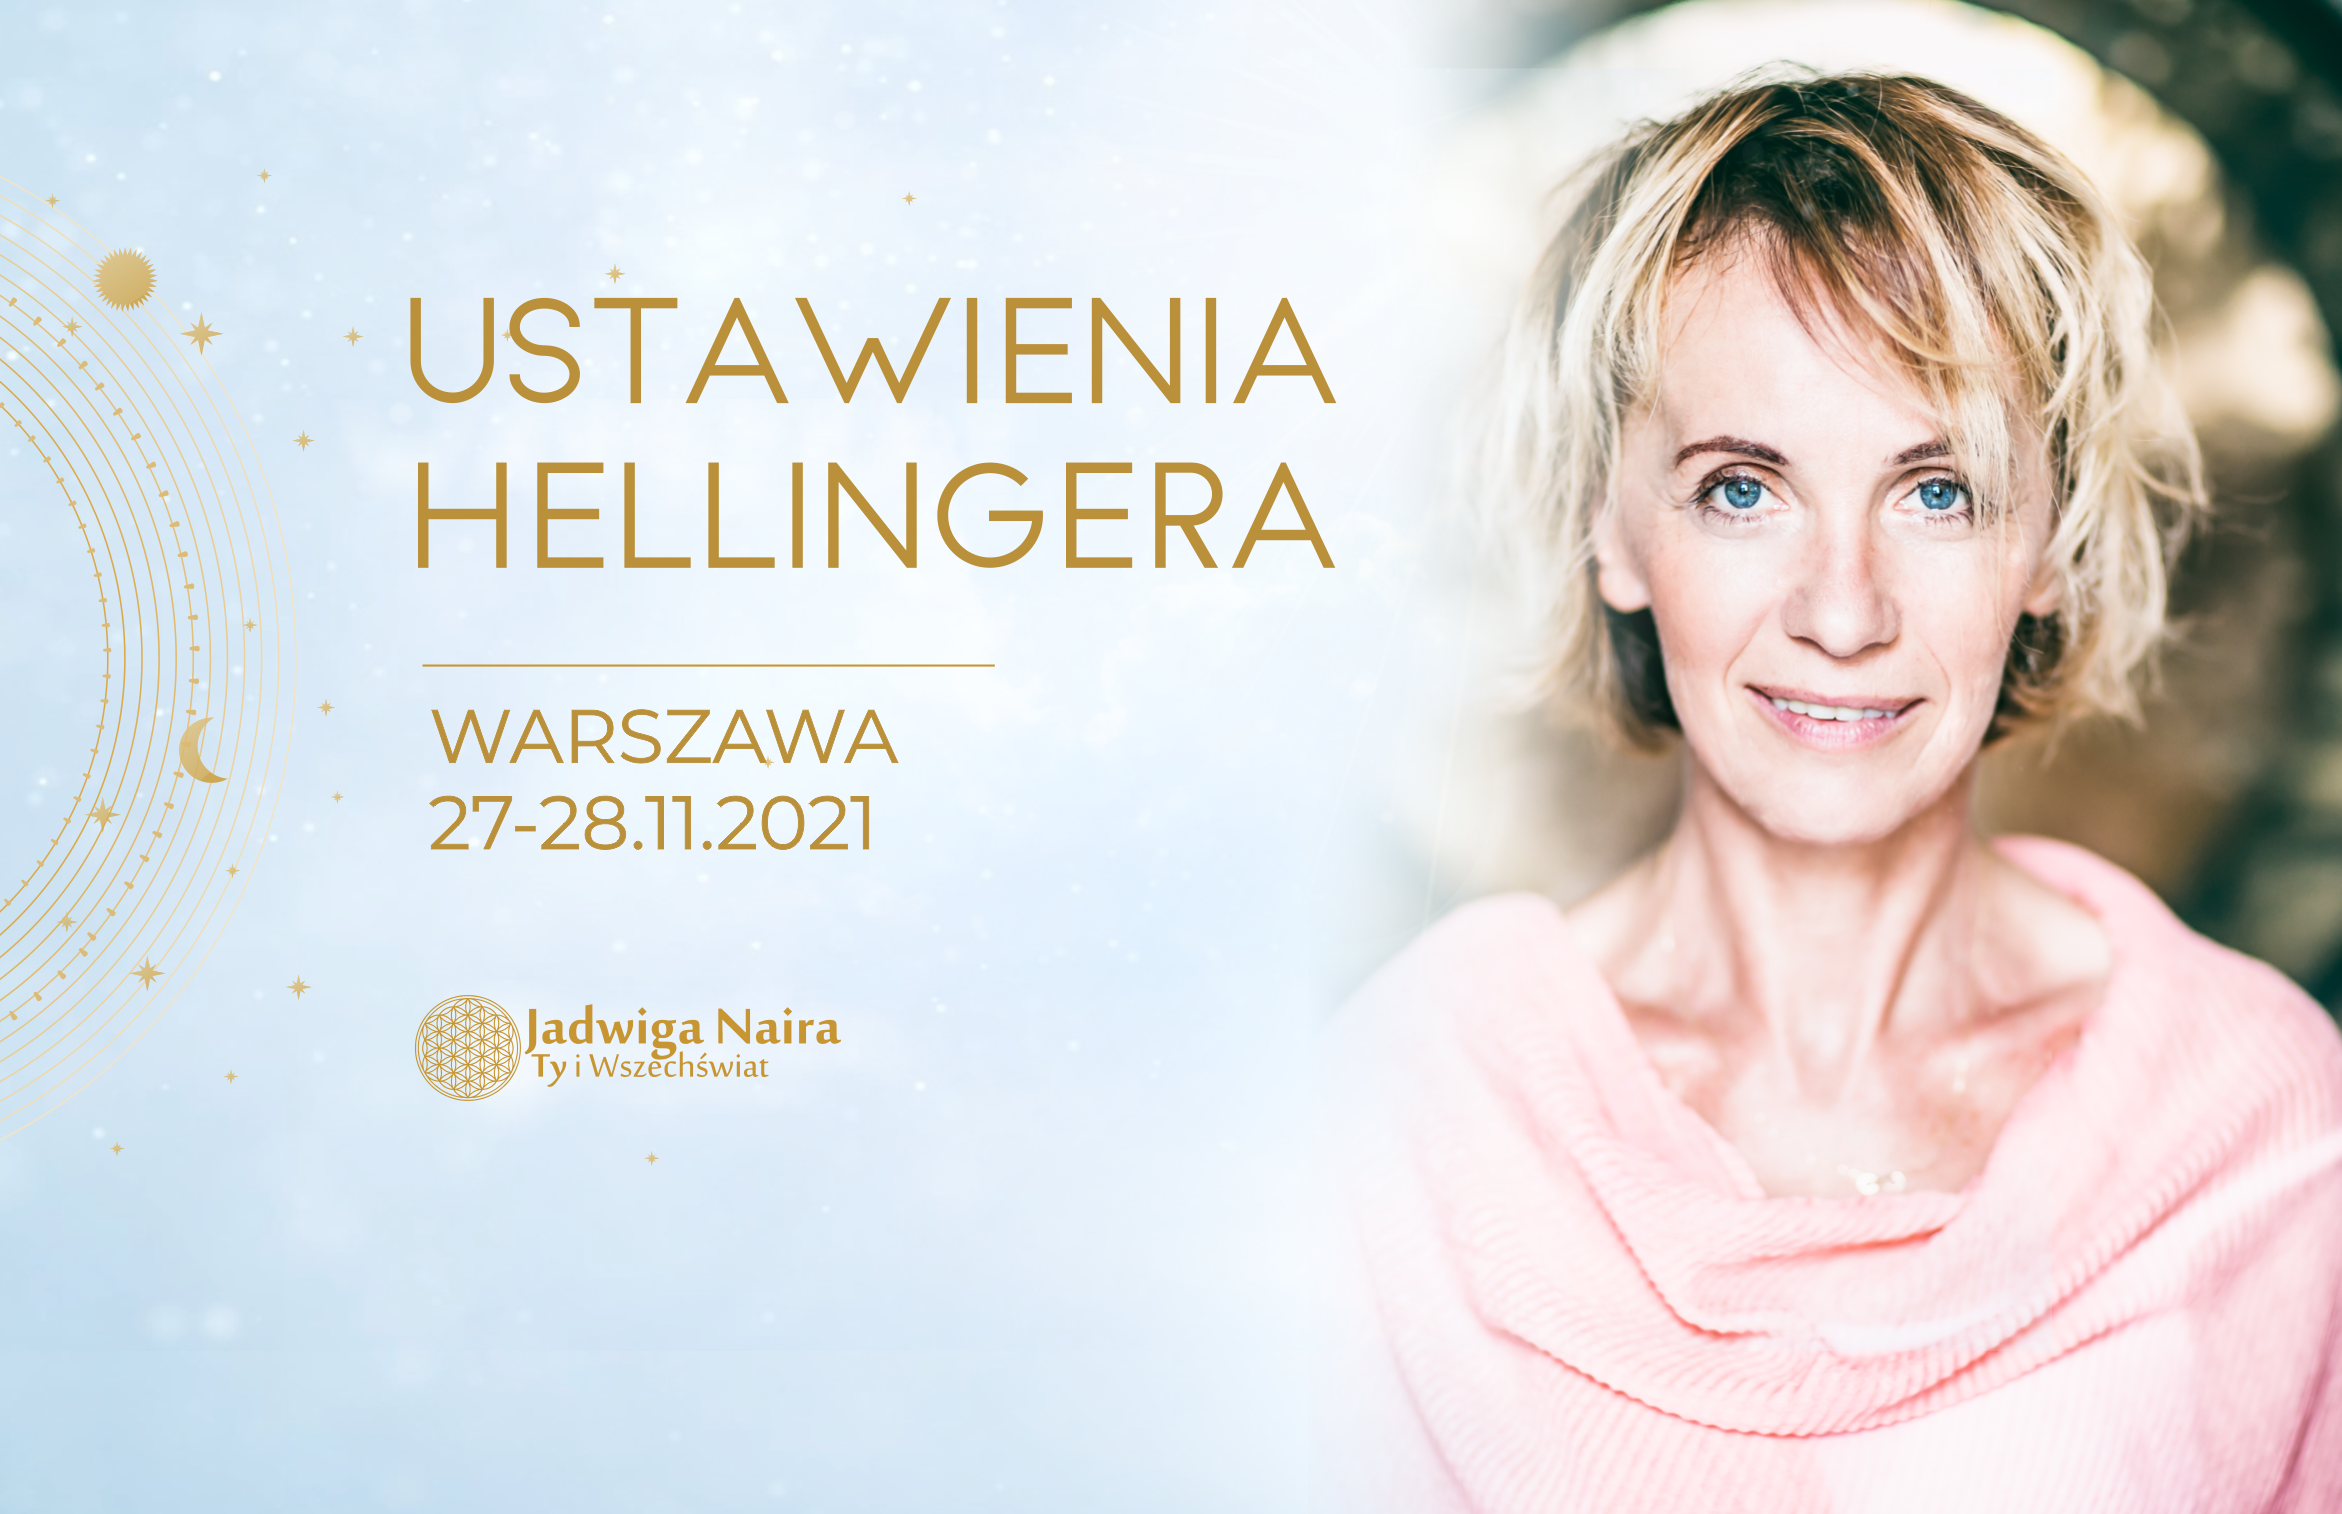 Ustawienia Hellingera / Warszawa